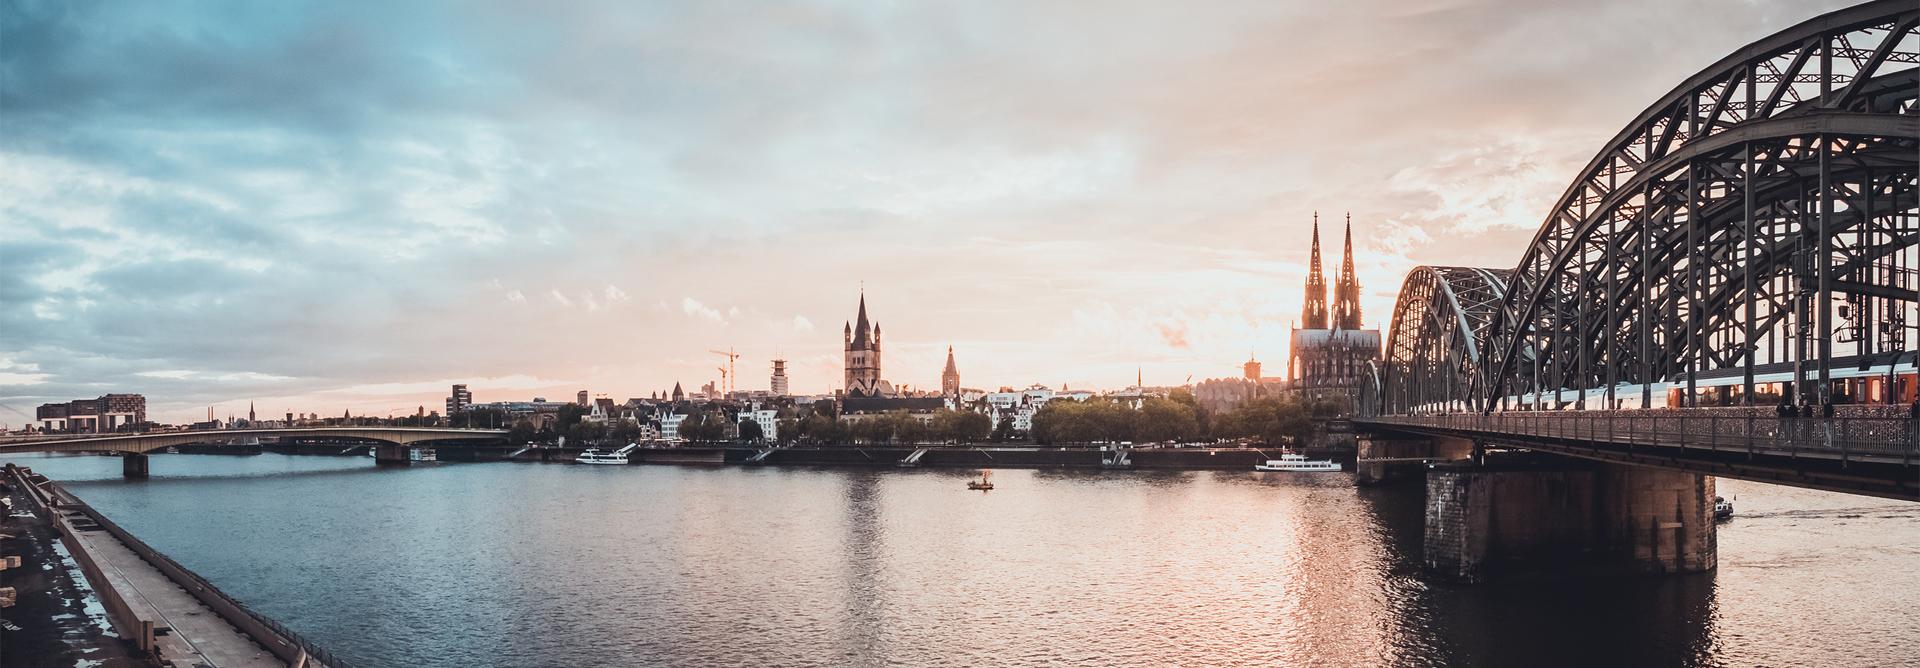 Immobilien-Experte in Köln